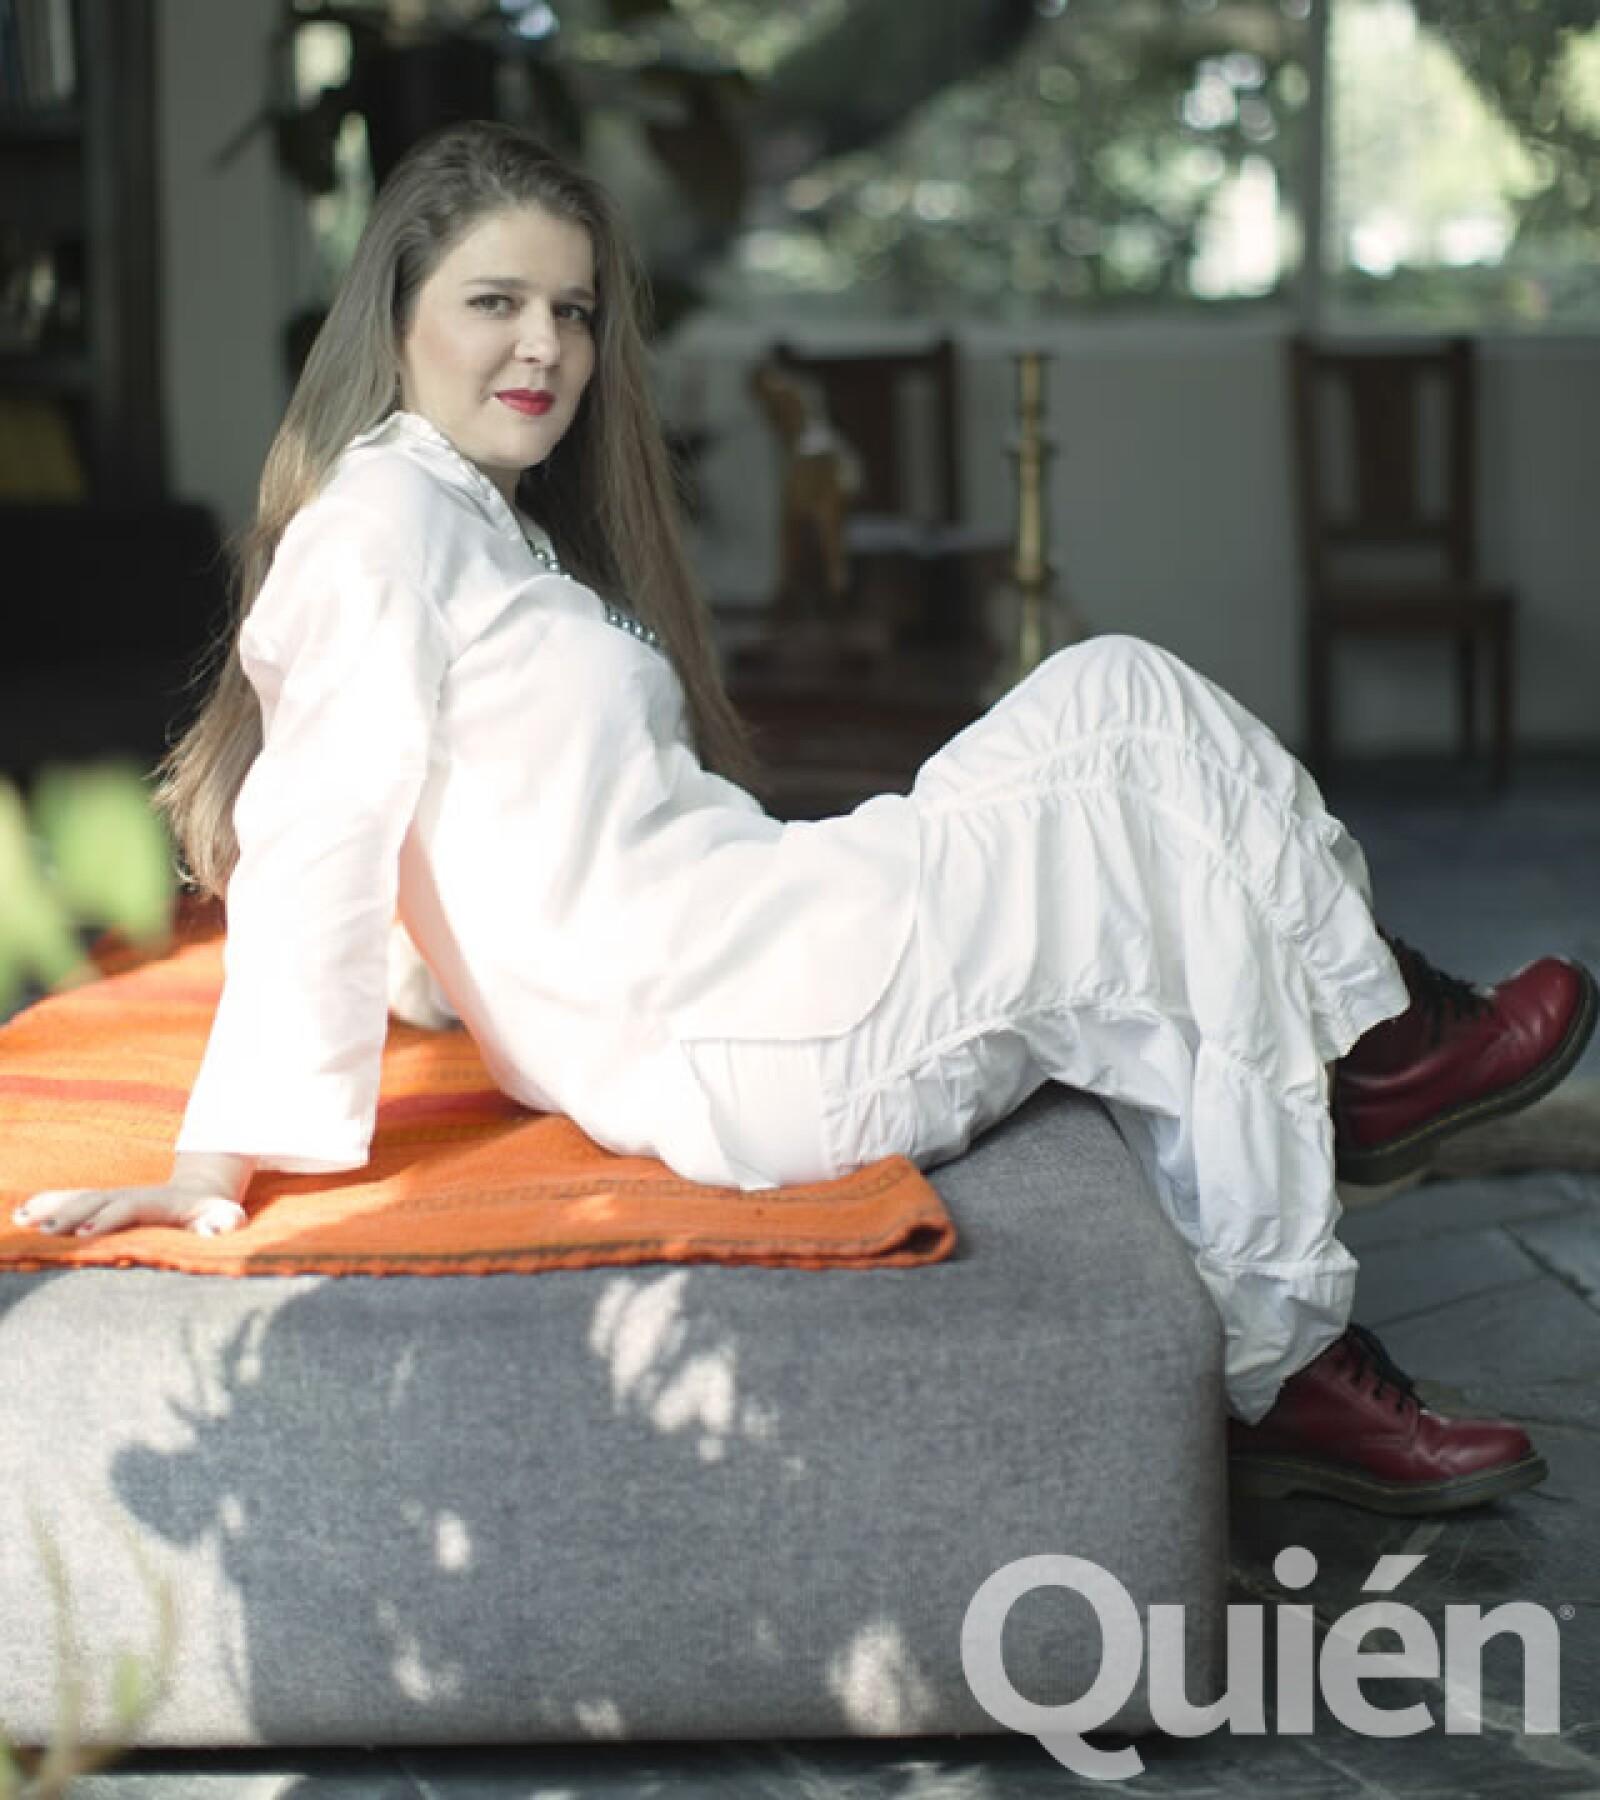 Vanesa Fernández, VIP Consultant de México en Frieze. Representa en México a Frieze, la feria de arte contemporaneo más importante de Londres y Nueva York.